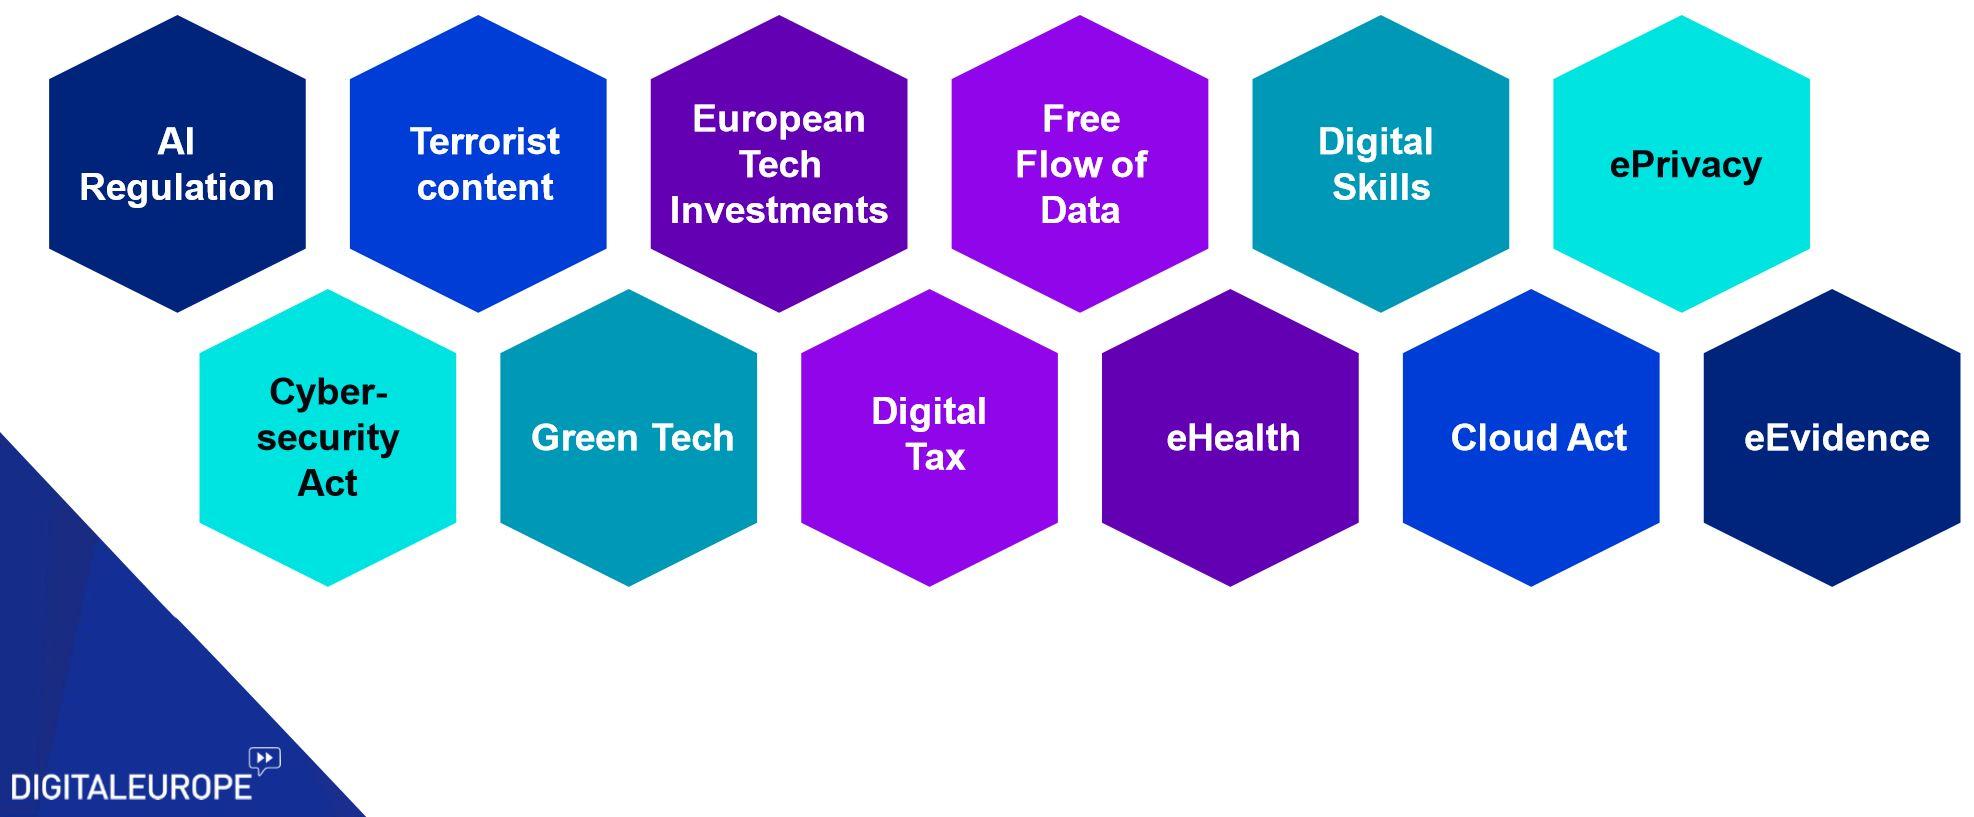 DigitalEurope indsatsområder som fælles indsats i Europa